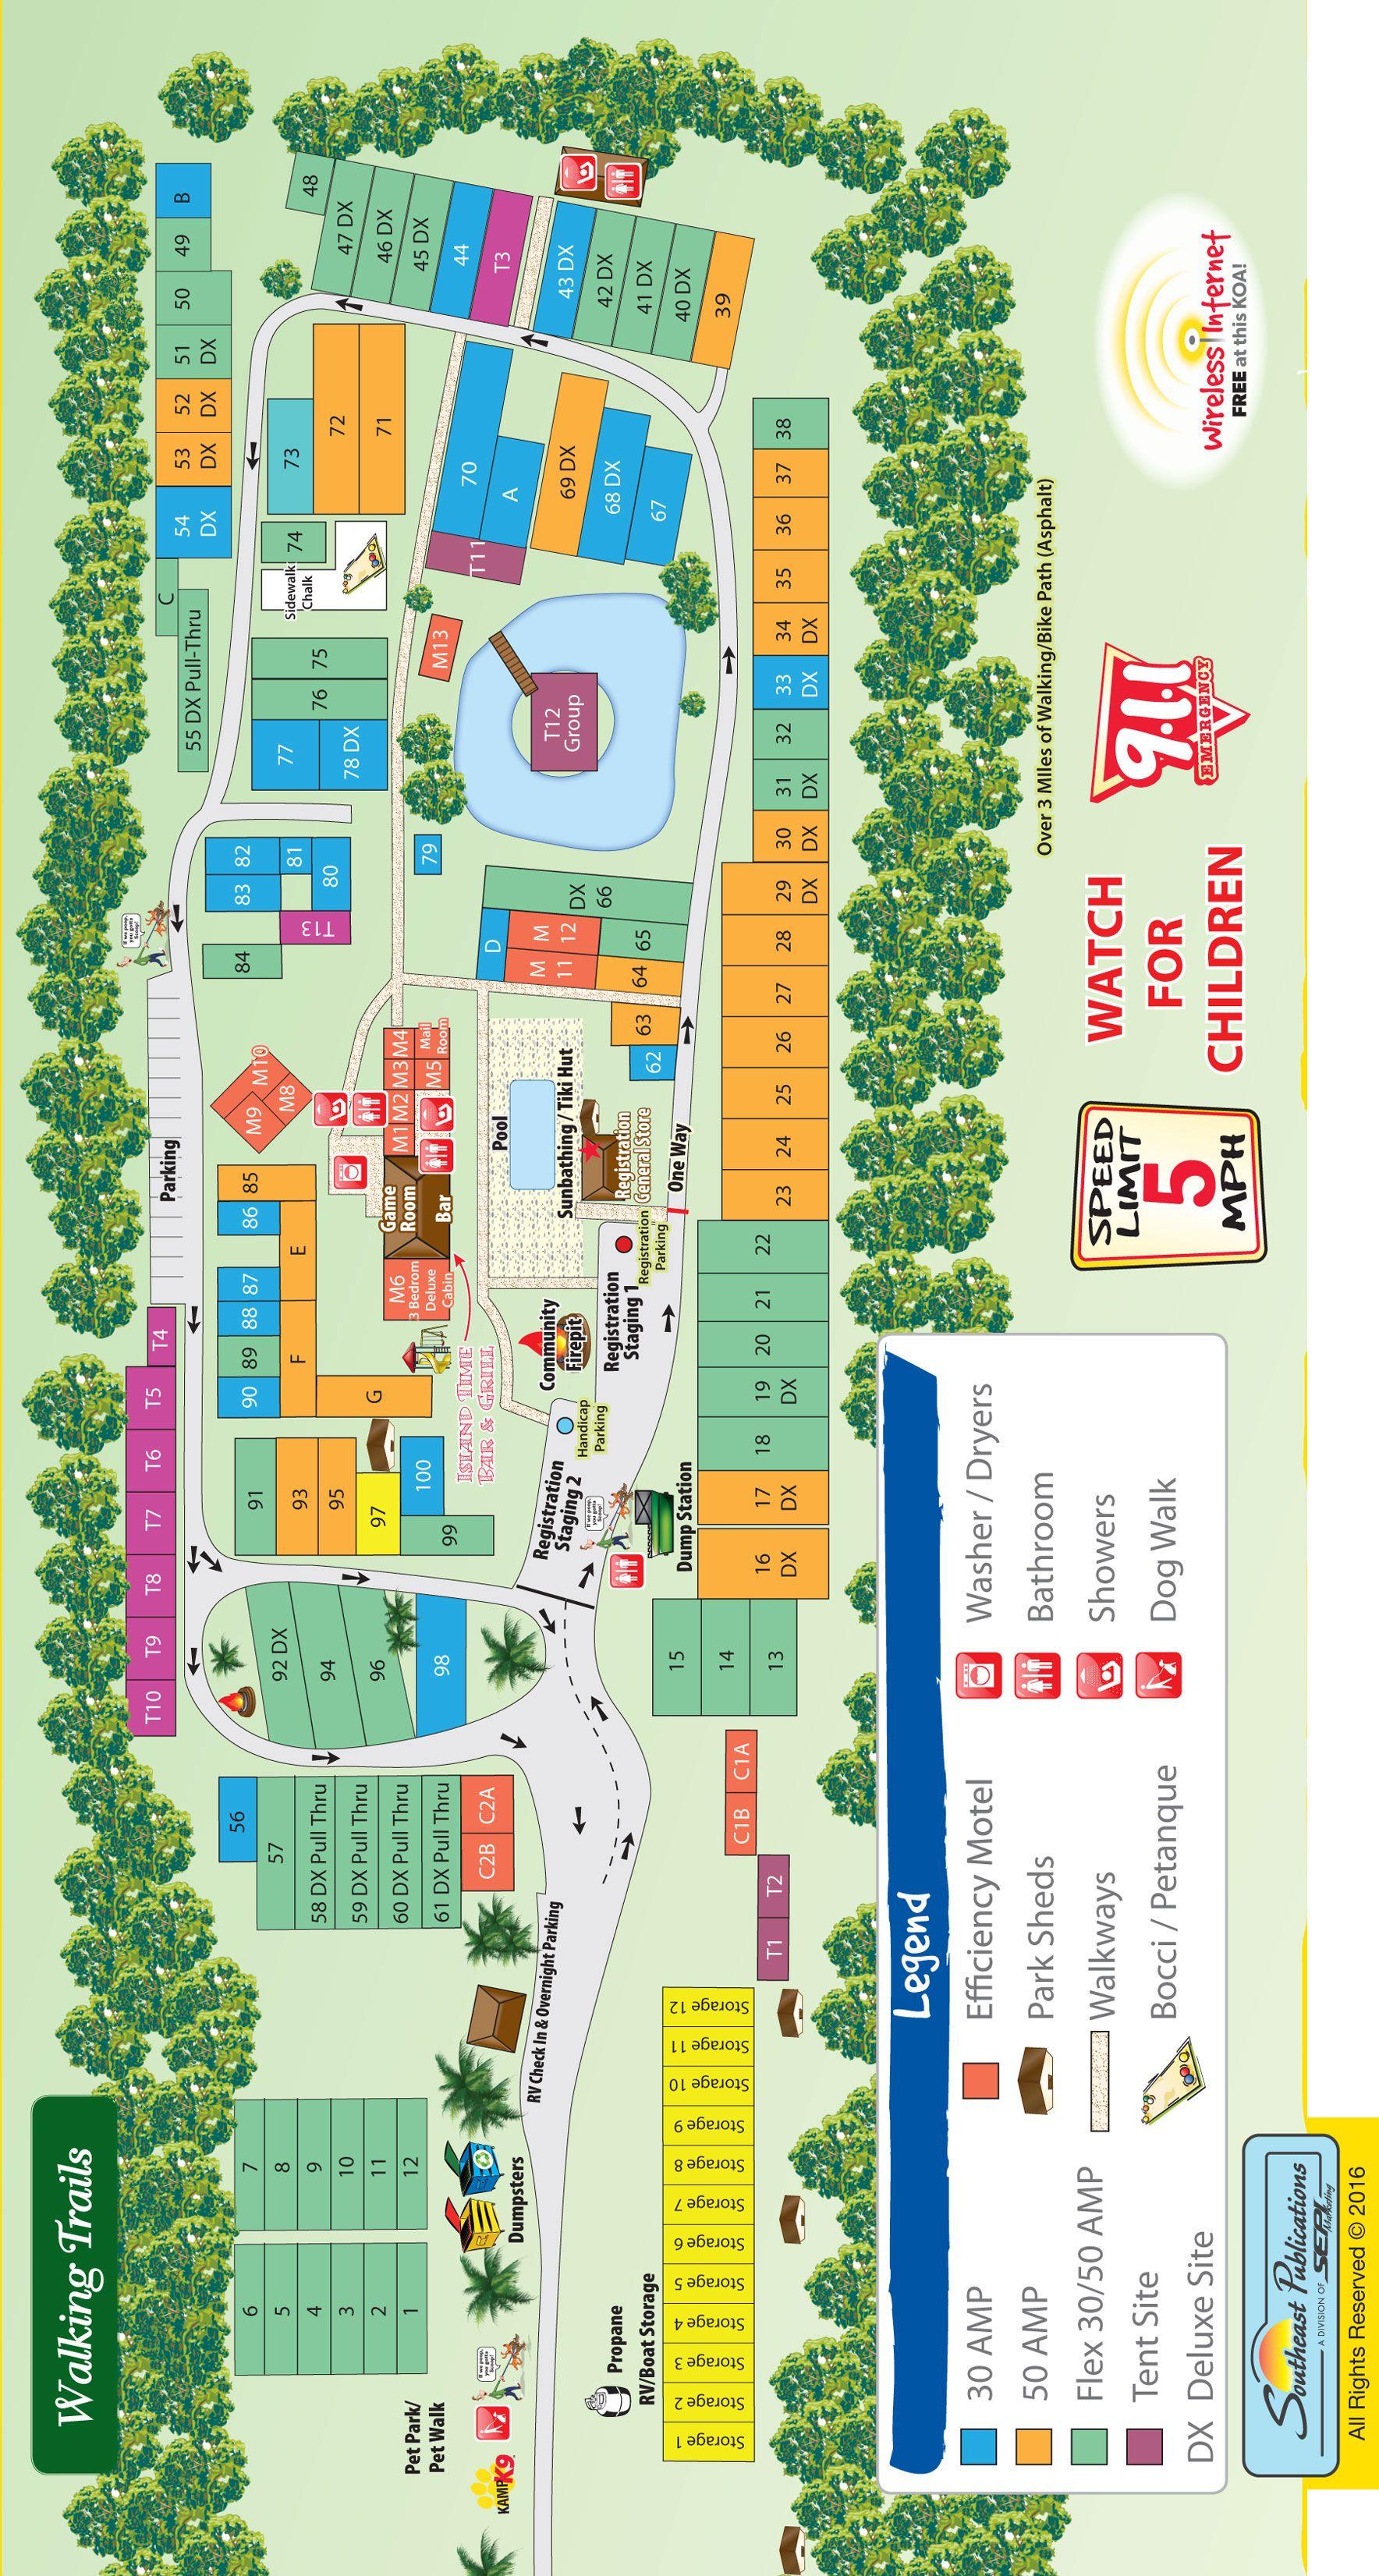 Florida Campgrounds Map.Campground Site Map Davie Koa Map Pinterest Florida